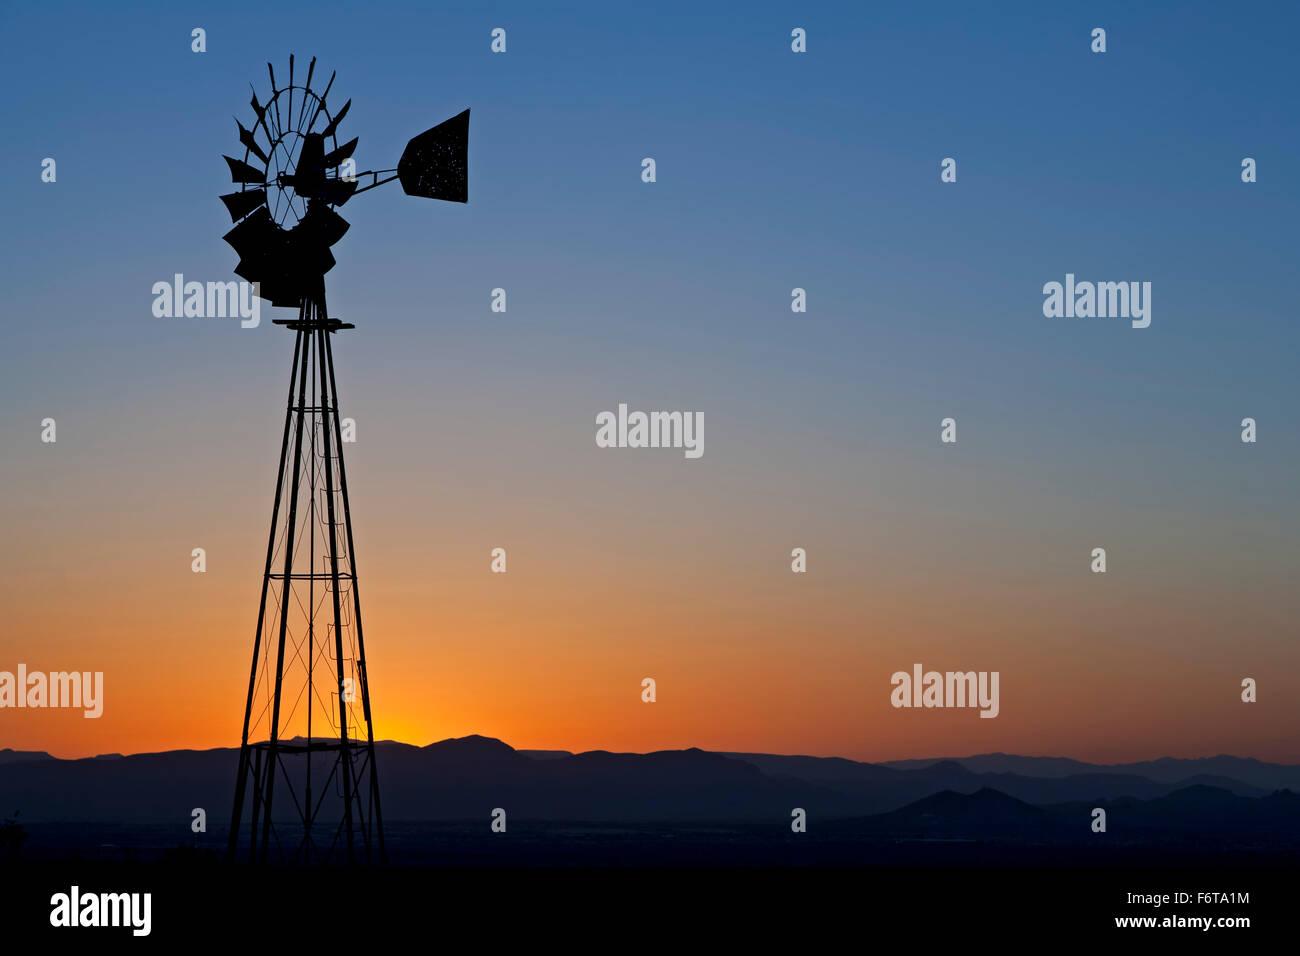 Windmühle Silhouette gegen orangefarbenen Himmel, Organ Mountains in der Nähe von Las Cruces, New Mexico, Stockbild